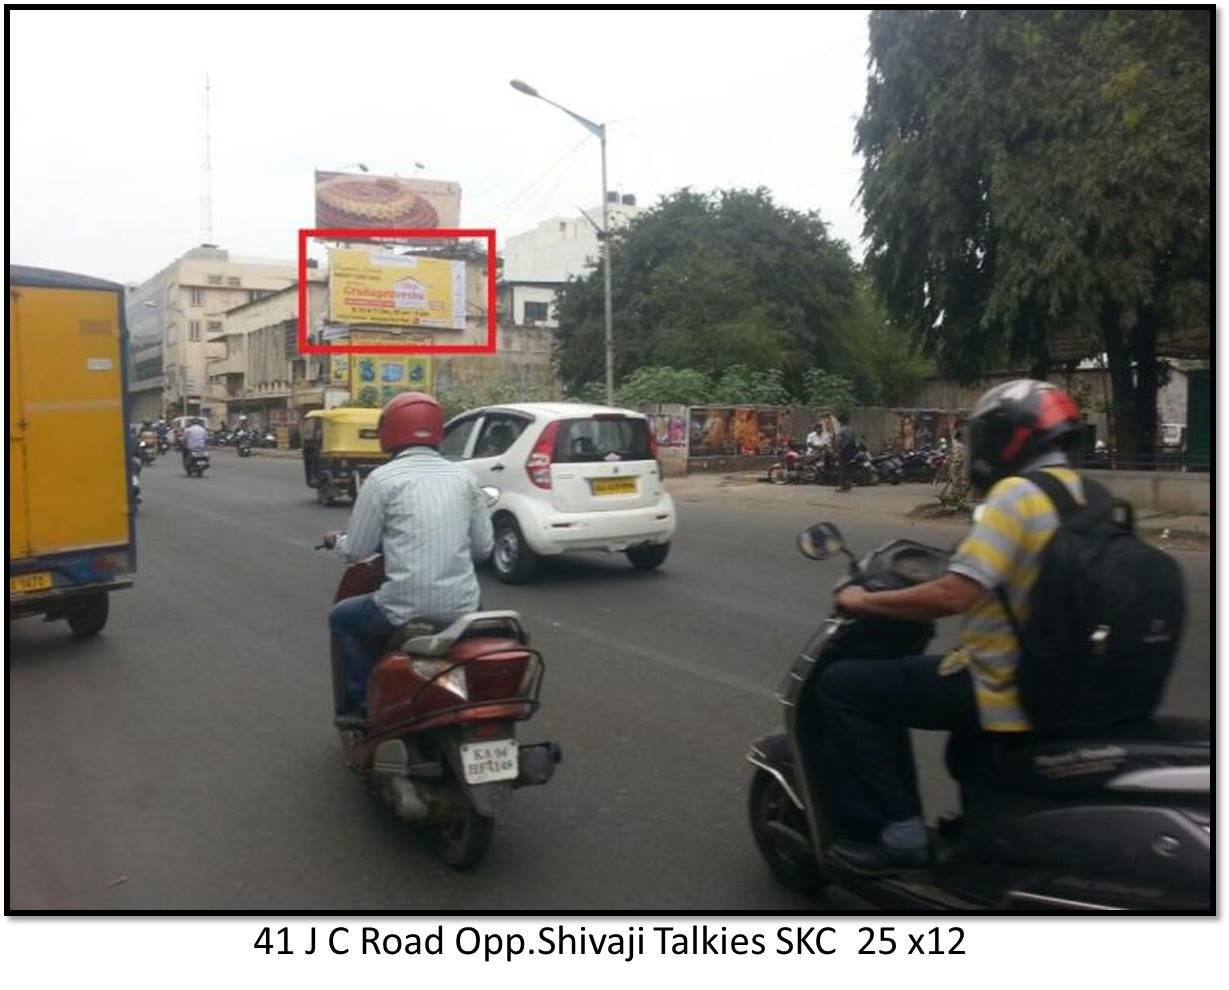 J C Road Opp.Shivaji Talkies, Bengaluru